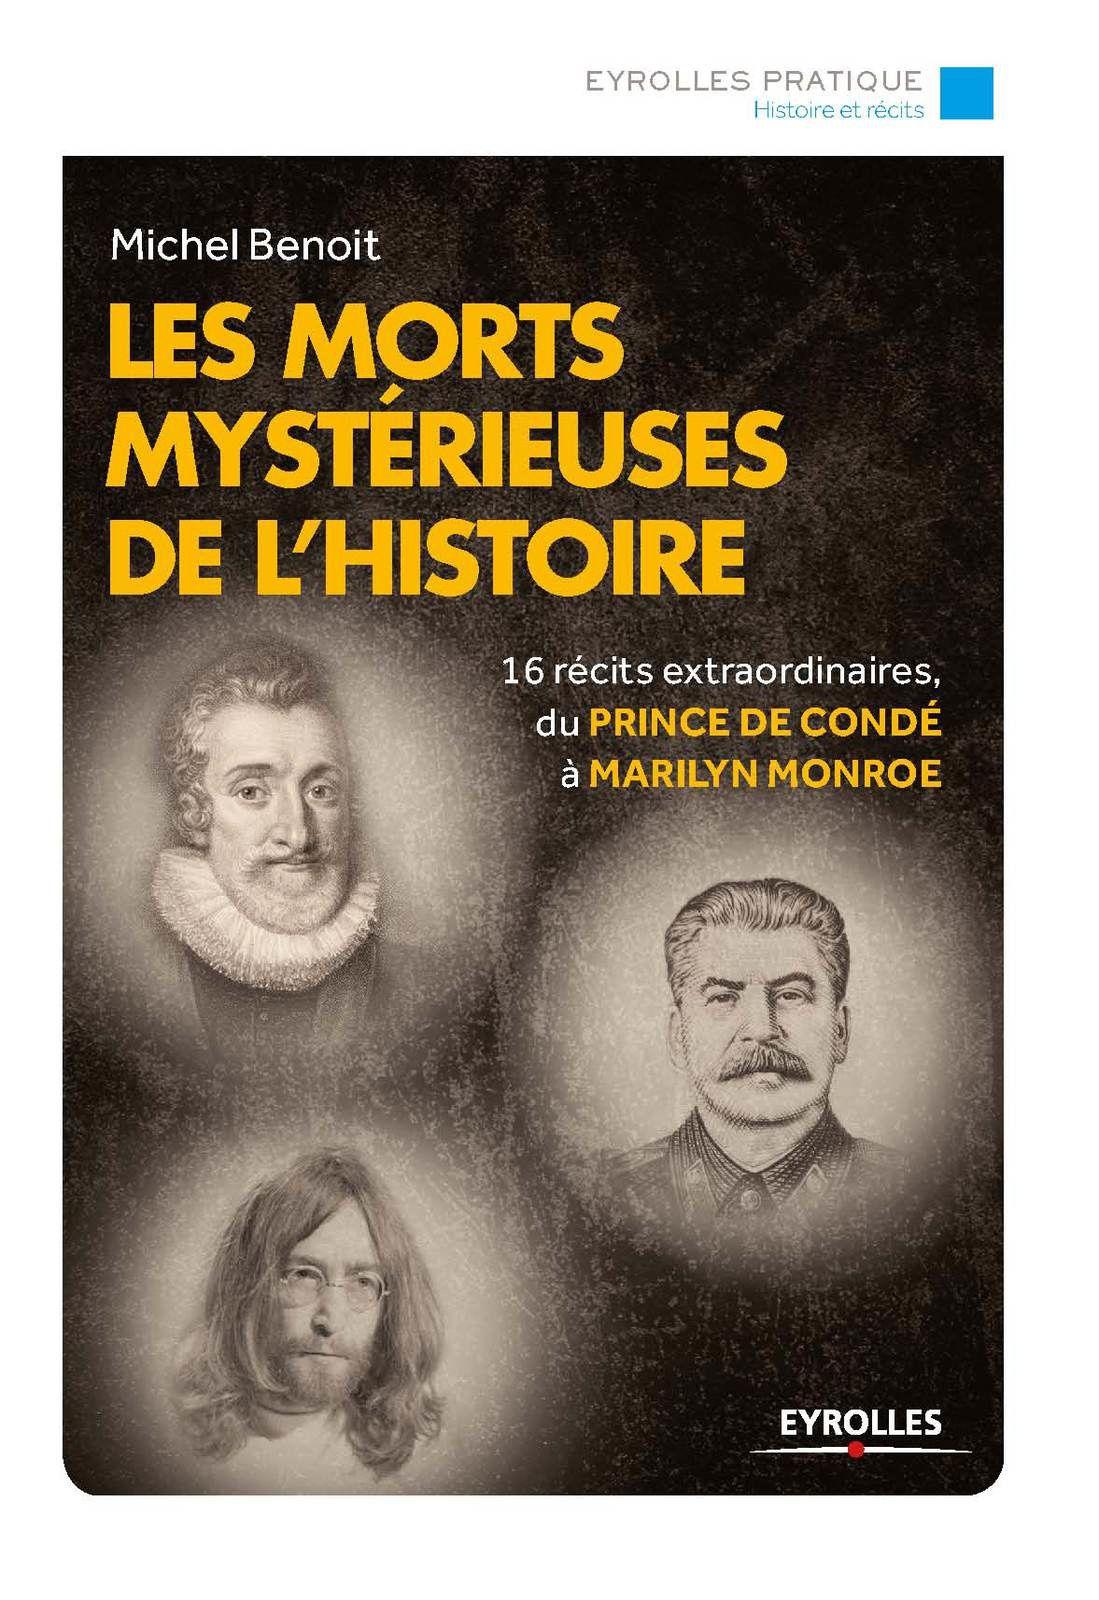 Publication : Les morts mystérieuses de l'histoire de Michel Benoît